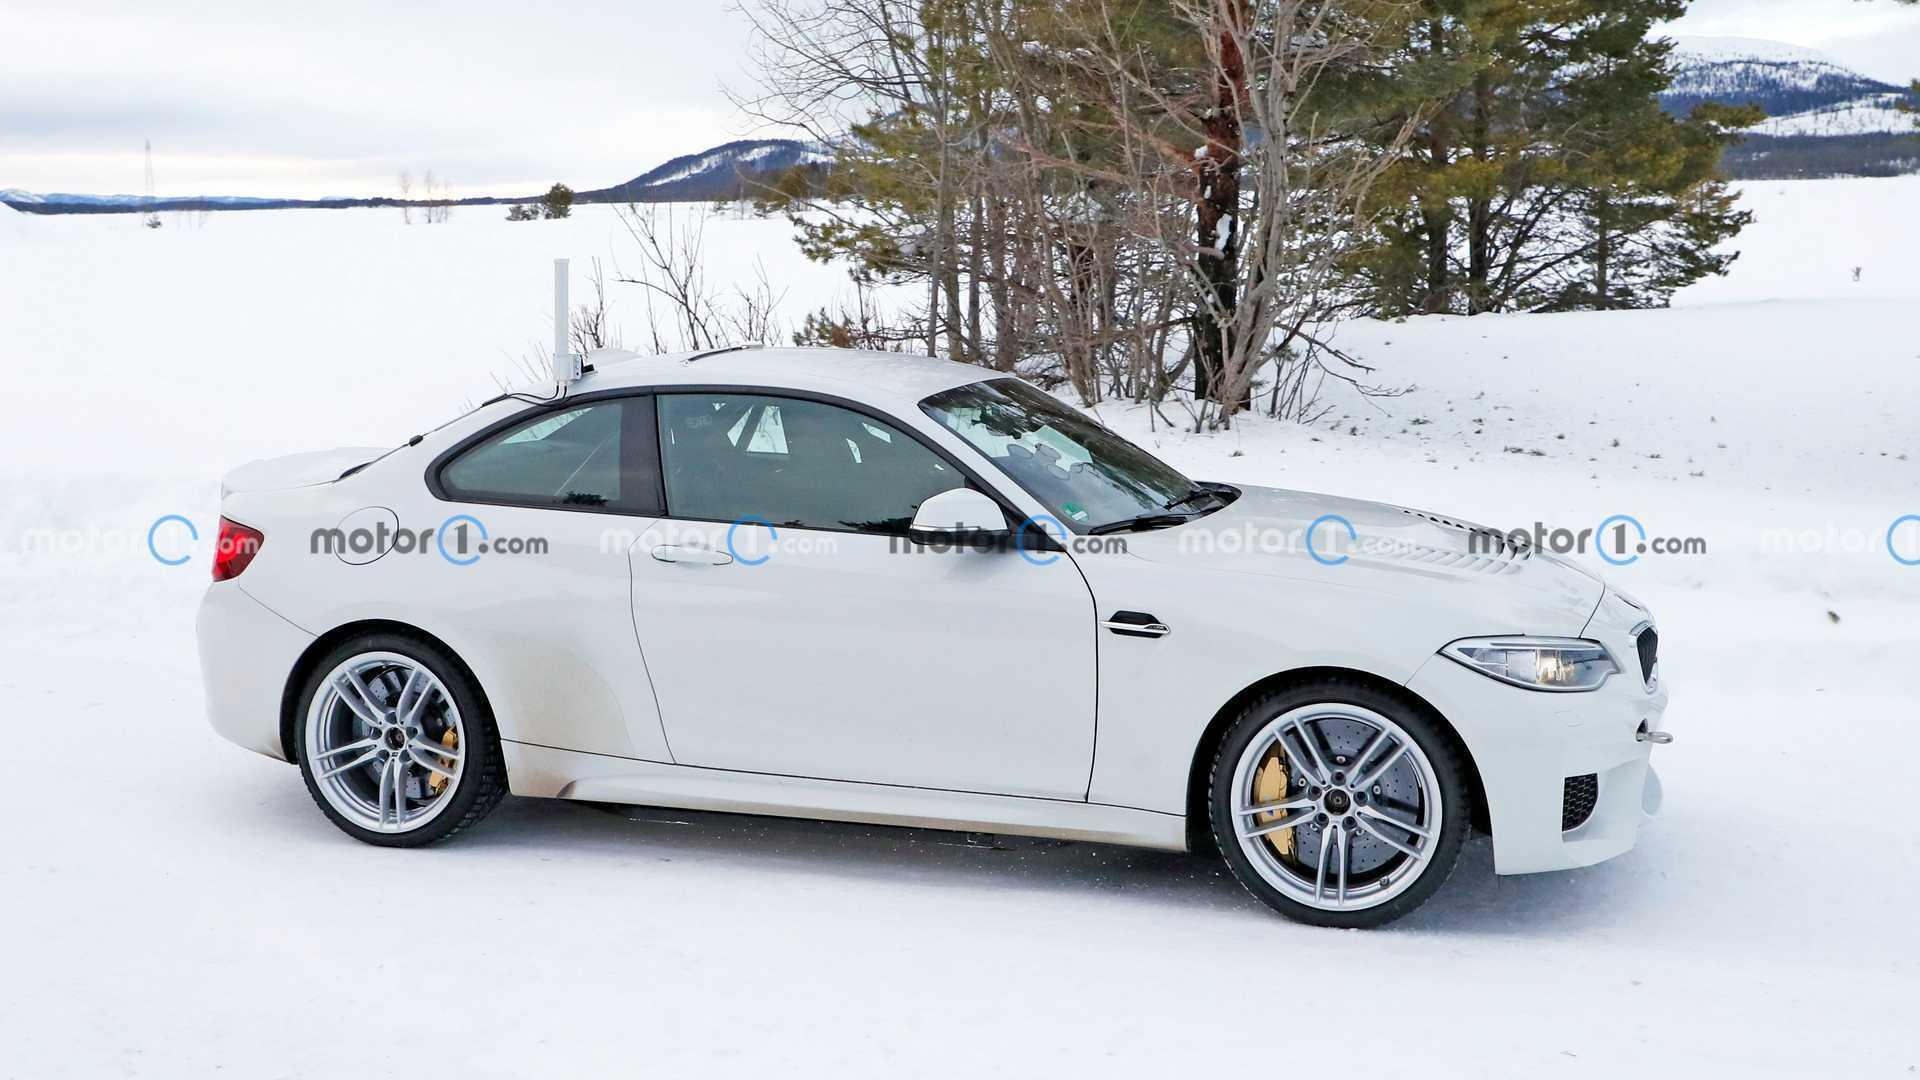 Новинка BMW с вентиляционным капотом и спойлером на багажнике